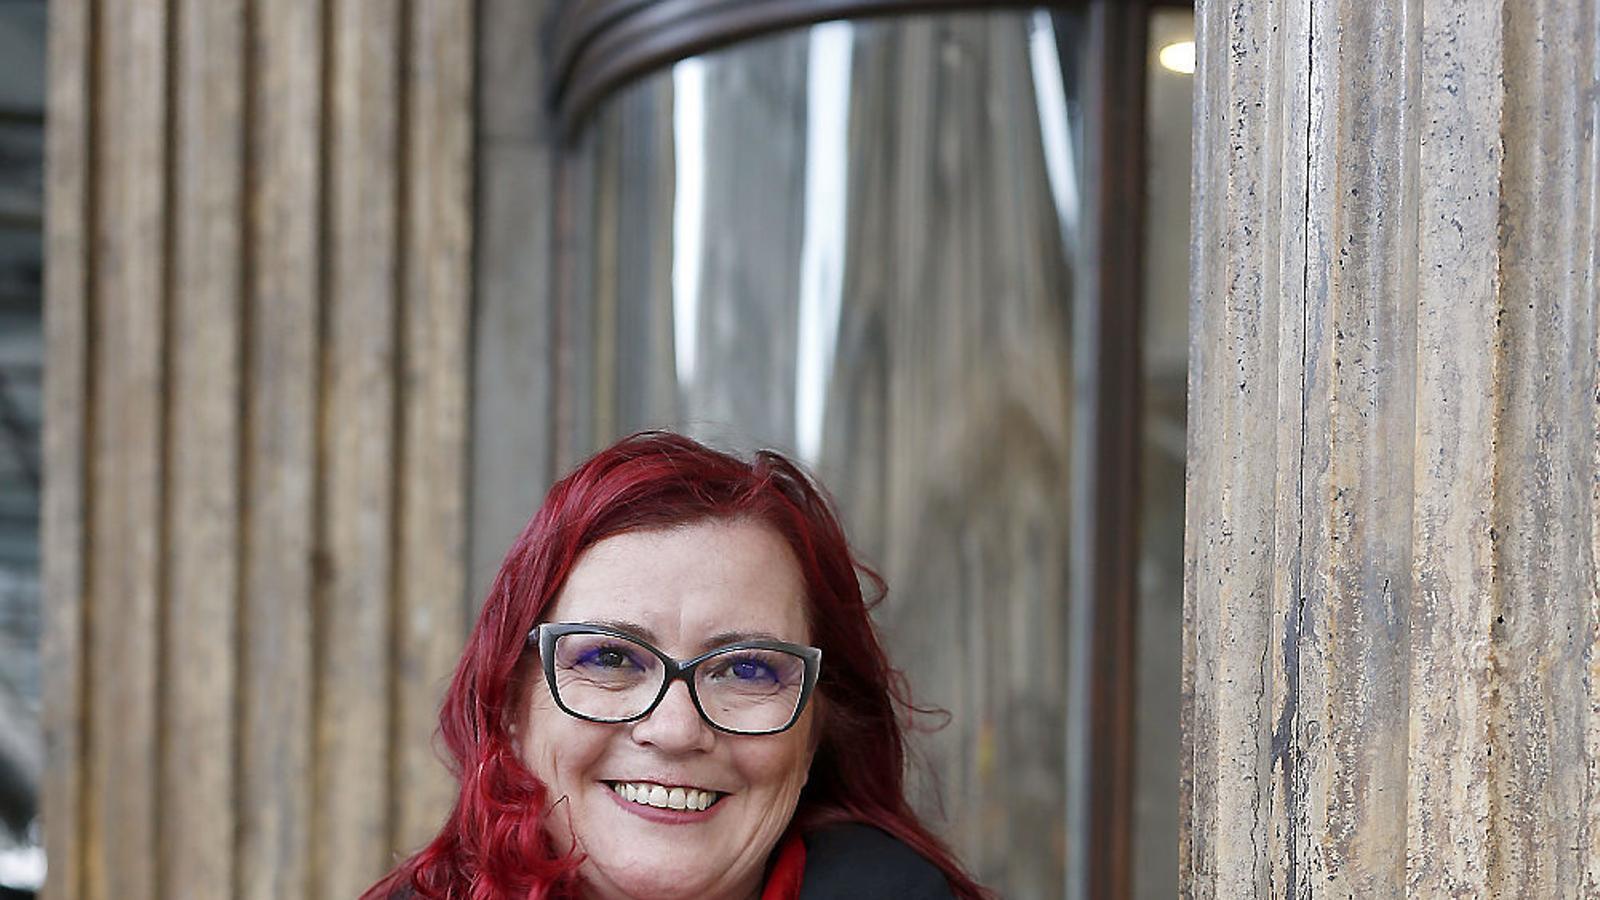 La matemàtica Clara Grima és la presidenta de la comissió de divulgació de la Reial Societat Matemàtica Espanyola.